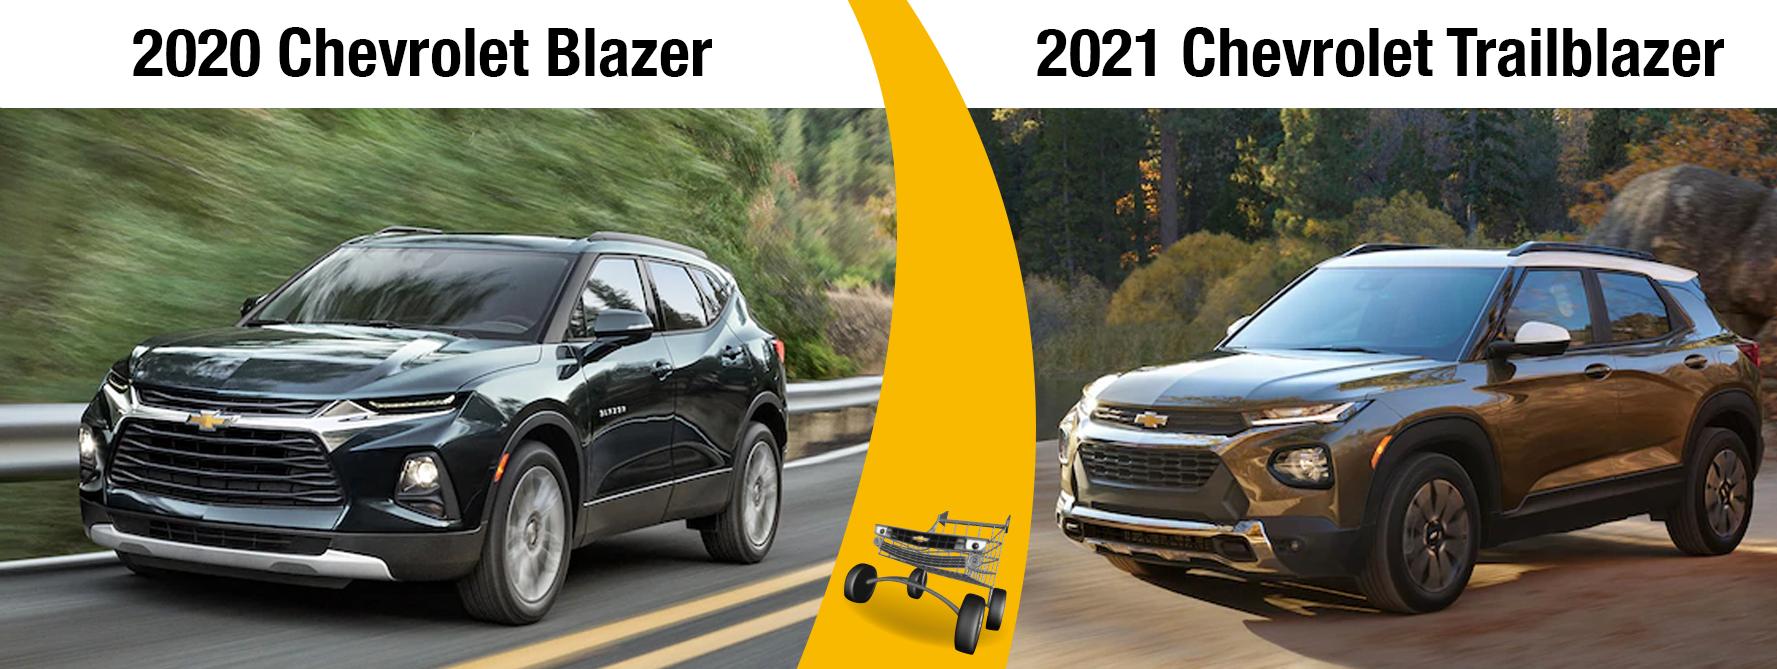 2020 Chevy Blazer Vs 2021 Chevy Trailblazer Chevrolet Of Homewood